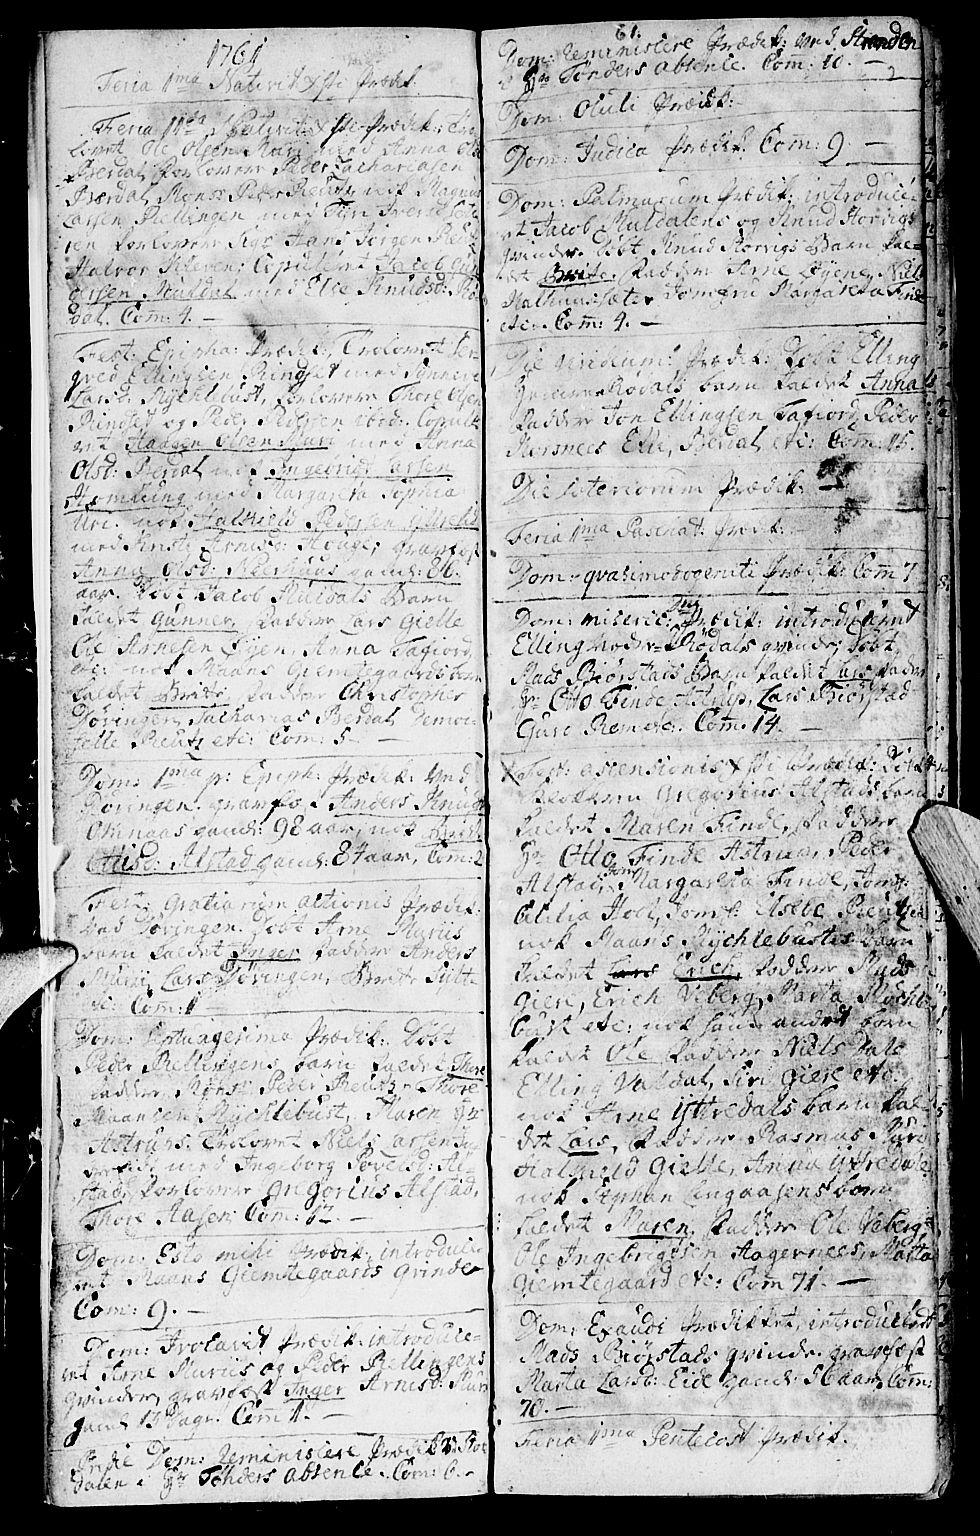 SAT, Ministerialprotokoller, klokkerbøker og fødselsregistre - Møre og Romsdal, 519/L0243: Ministerialbok nr. 519A02, 1760-1770, s. 1-2